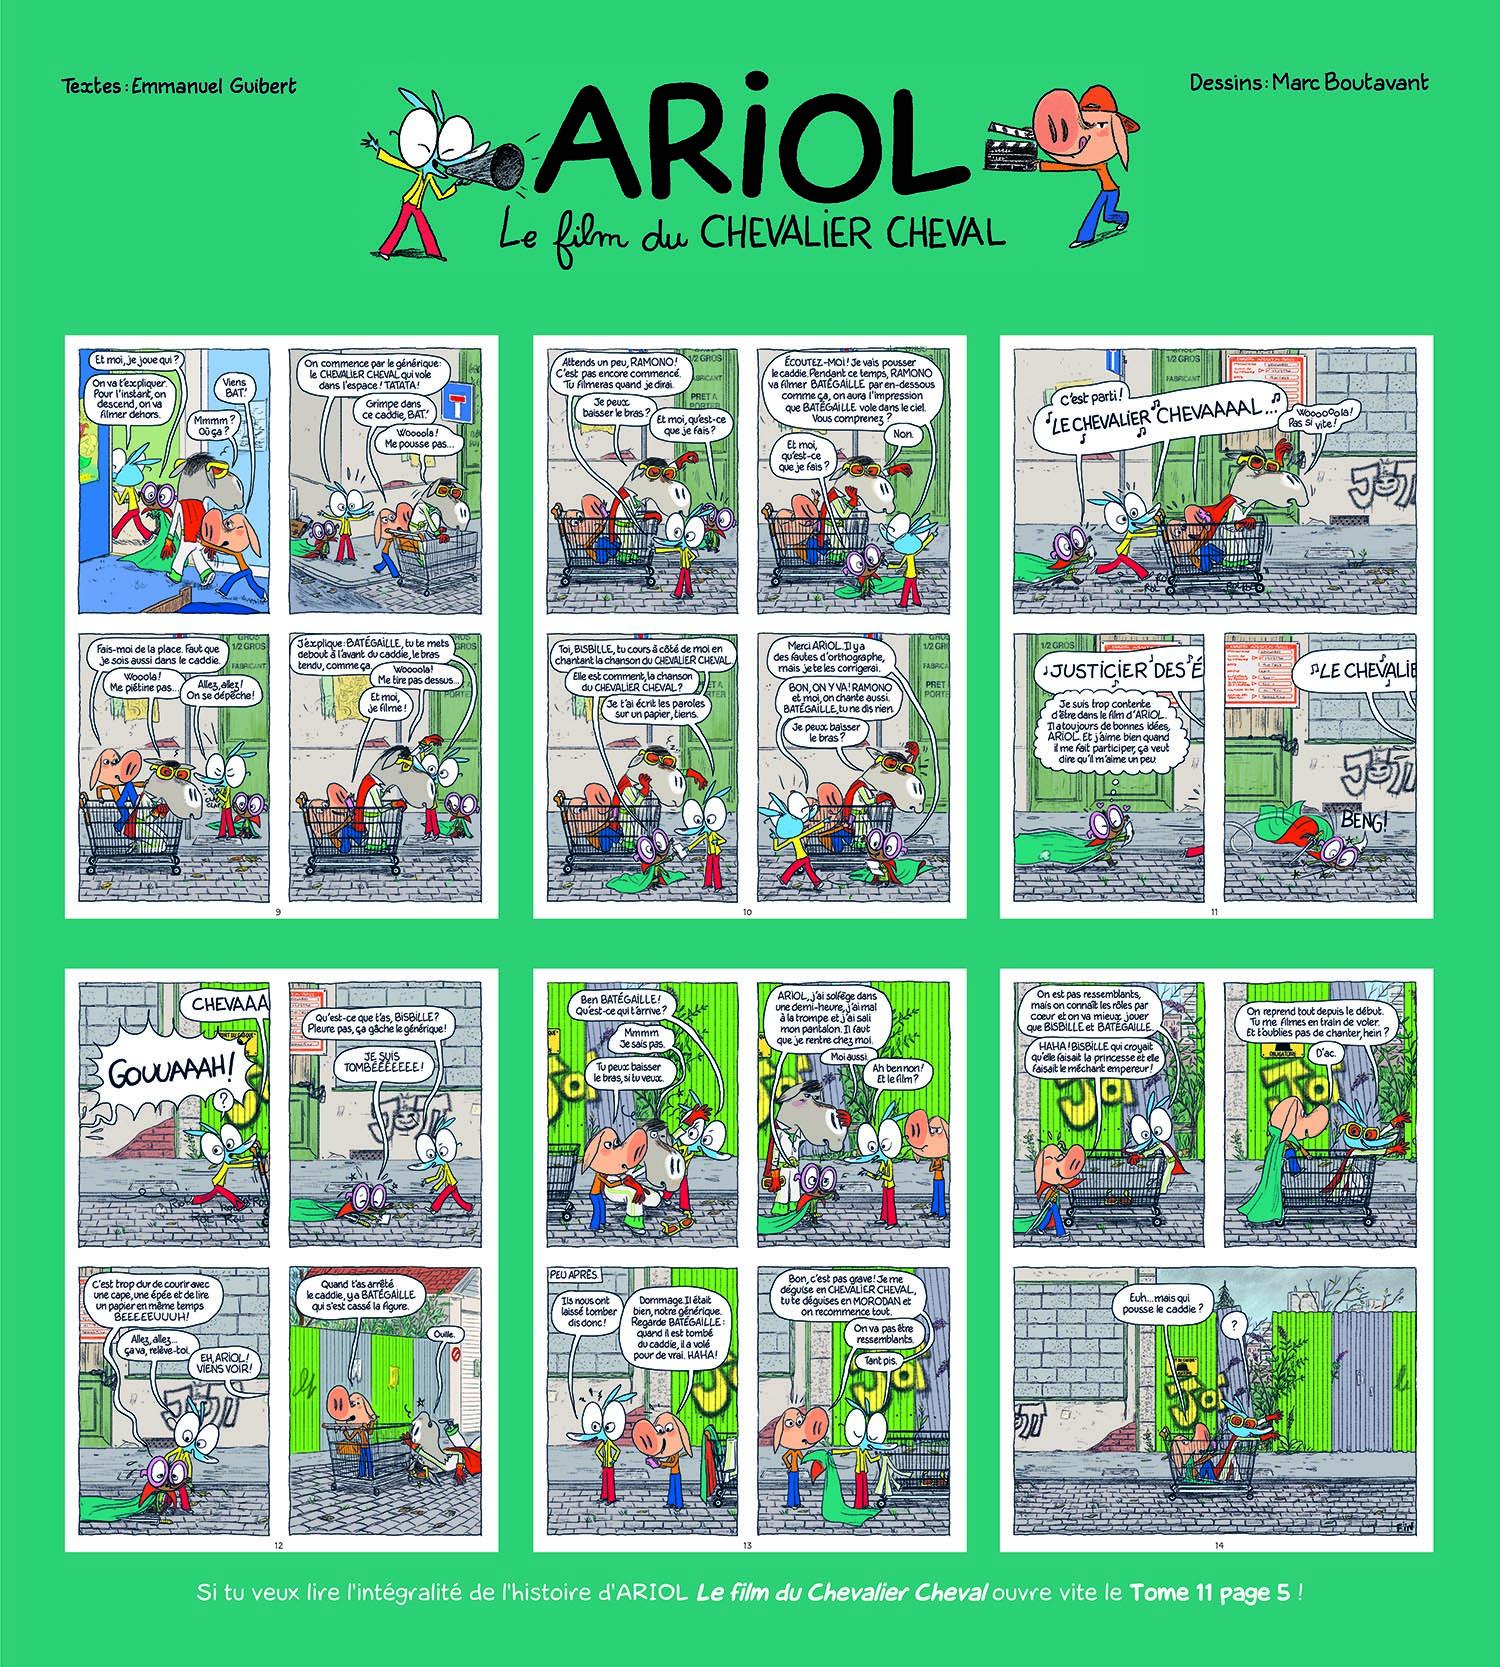 Ariol_Loc9_planche_bache+rails_100x90cm